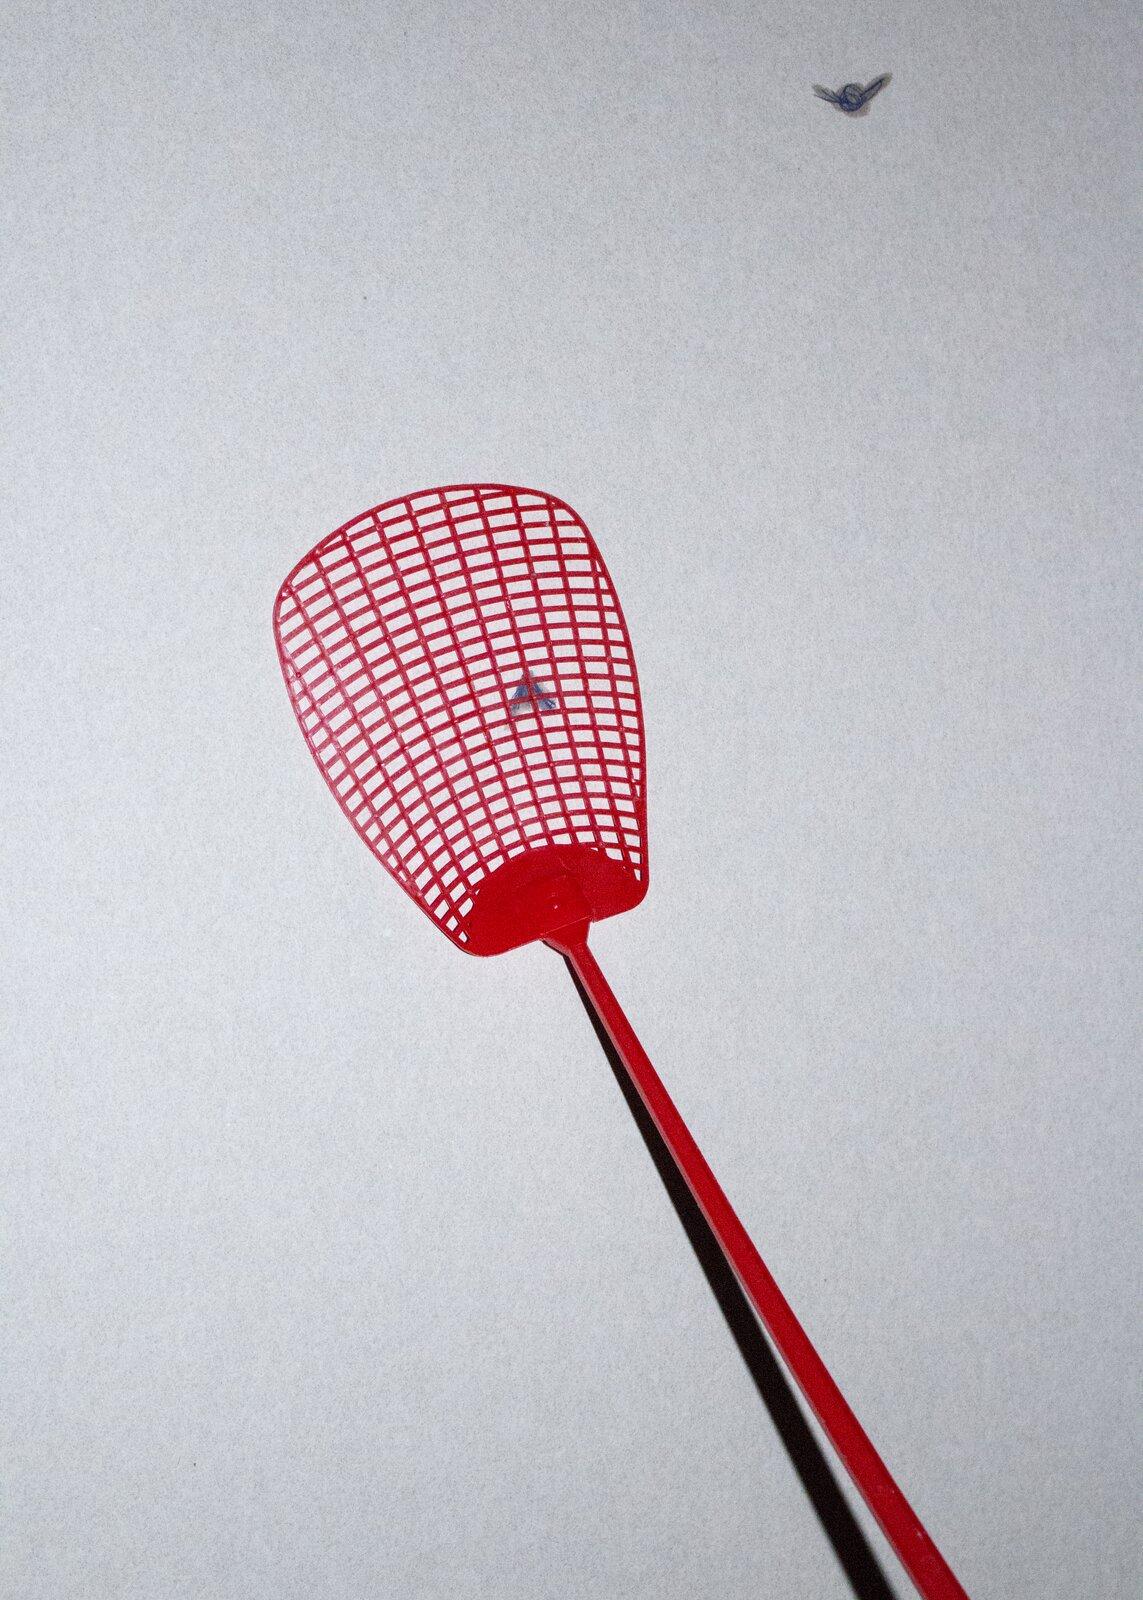 """Ilustracja przedstawia fotografię """"Łapka na muchy"""". Wcentrum zdjęcia, na tle jasno-szarej ściany ukazana jest czerwona, plastikowa łapka, pod którą znajduje się zabita much. Wprawym, górnym rogu kadru fotograf uchwycił drugą plamę zabitego owada."""